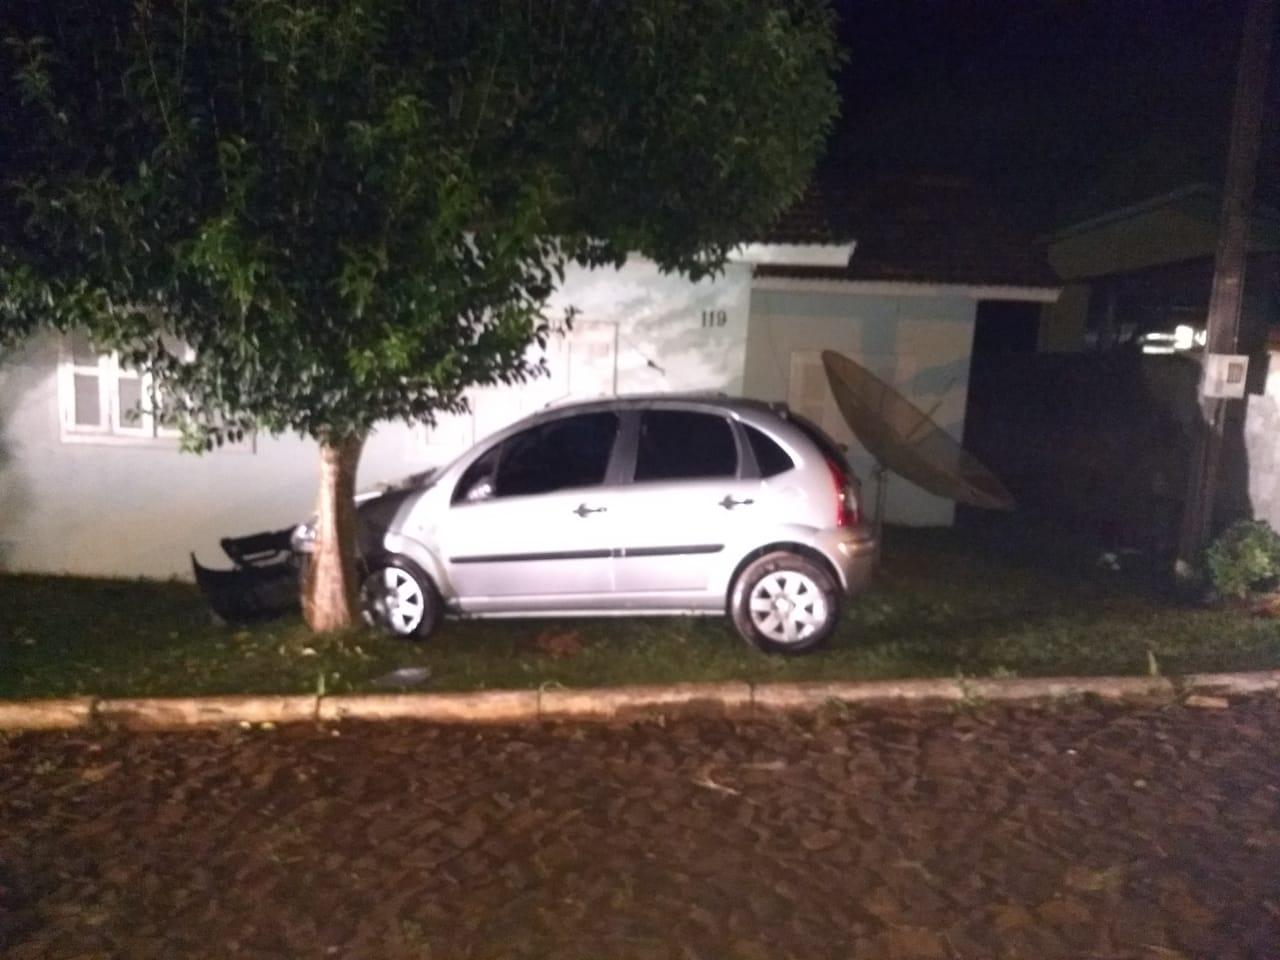 Motorista foge do local e abandona veículo após acidente em Guarujá do Sul